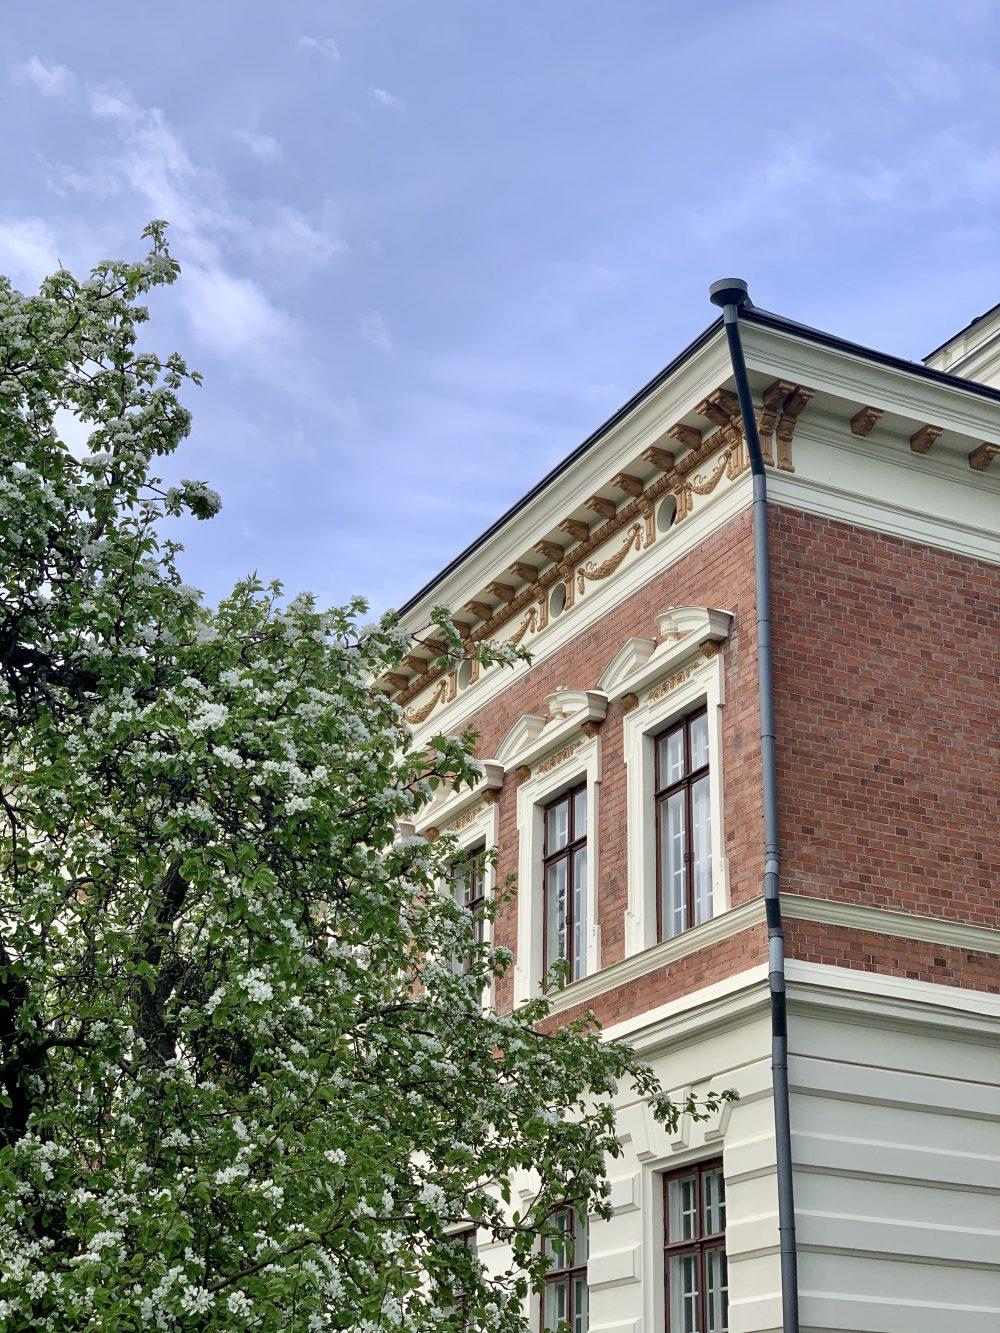 Kesälomavinkit Tampereelle, pesojoonas, ratikka, tampere